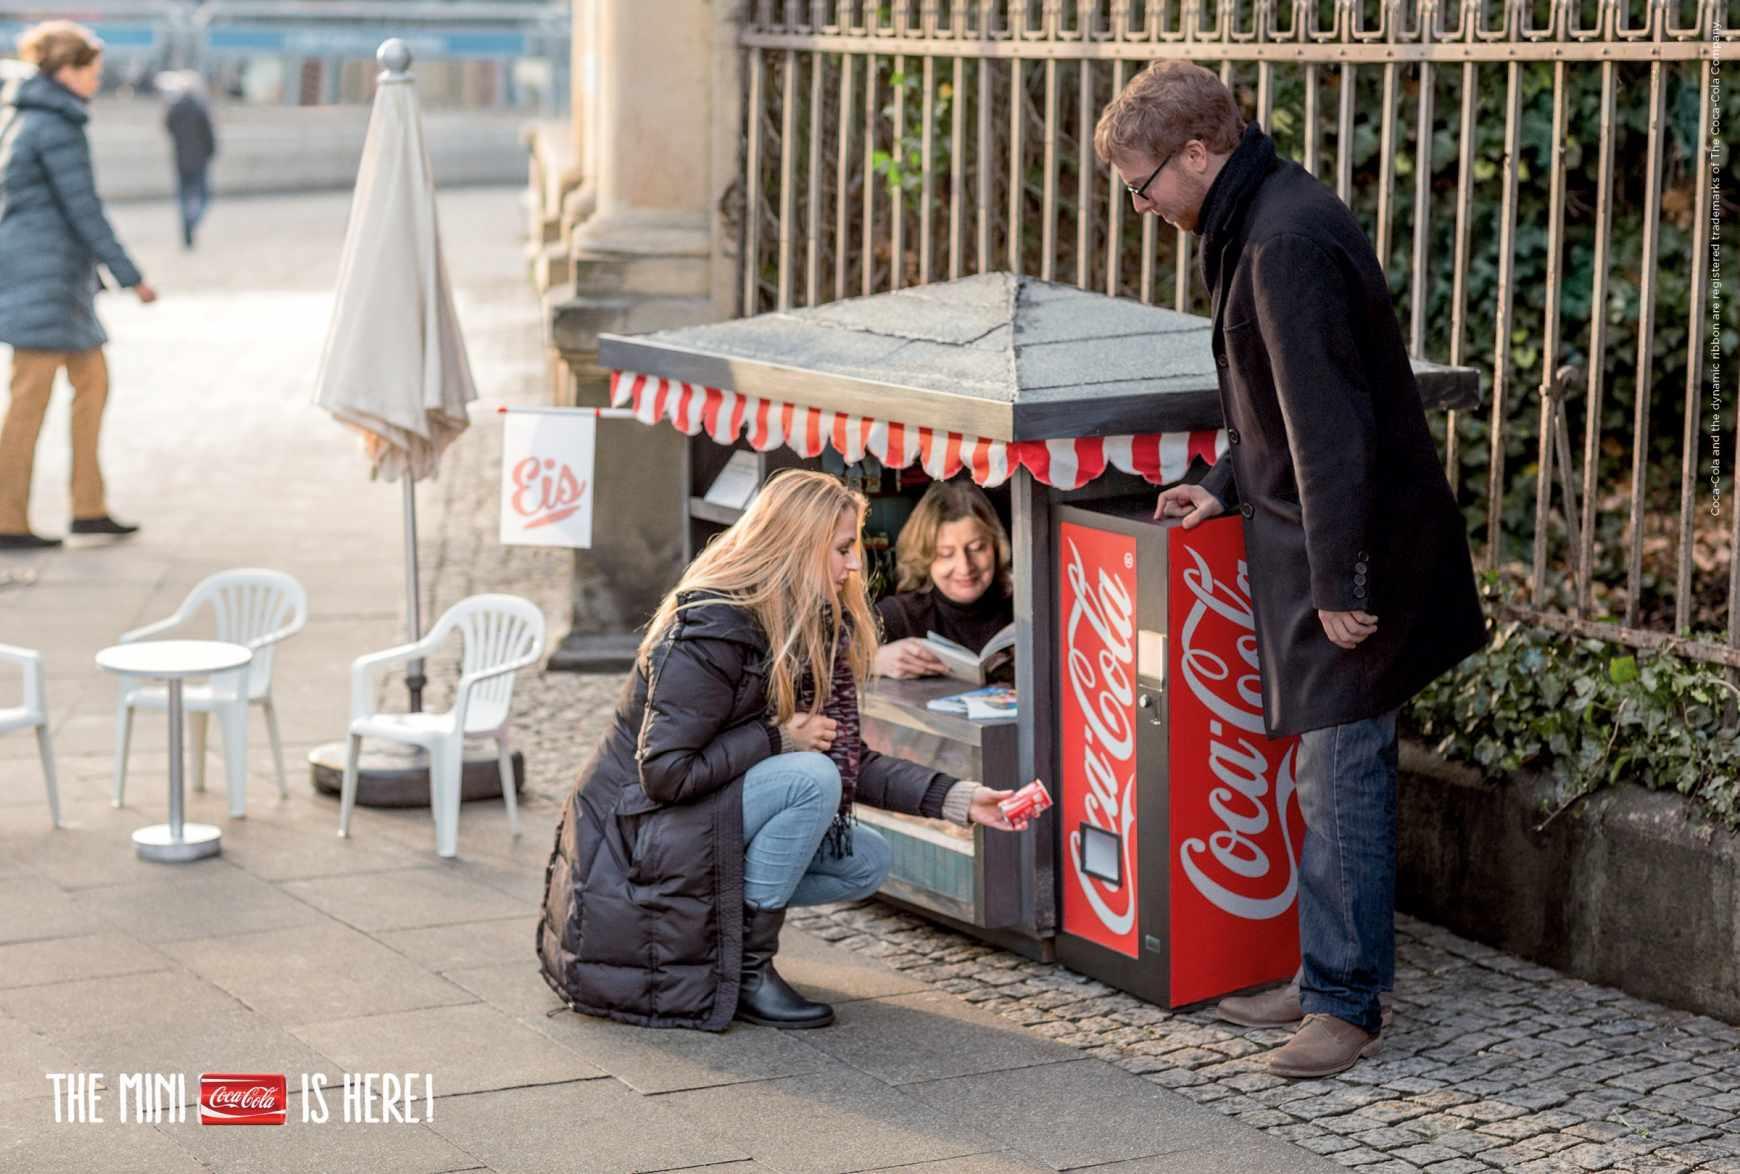 Campaña de publicidad mini para las mini latas de Coca-Cola-quiosco-agencia-publicidad-sevilla-appleman-magazine-03